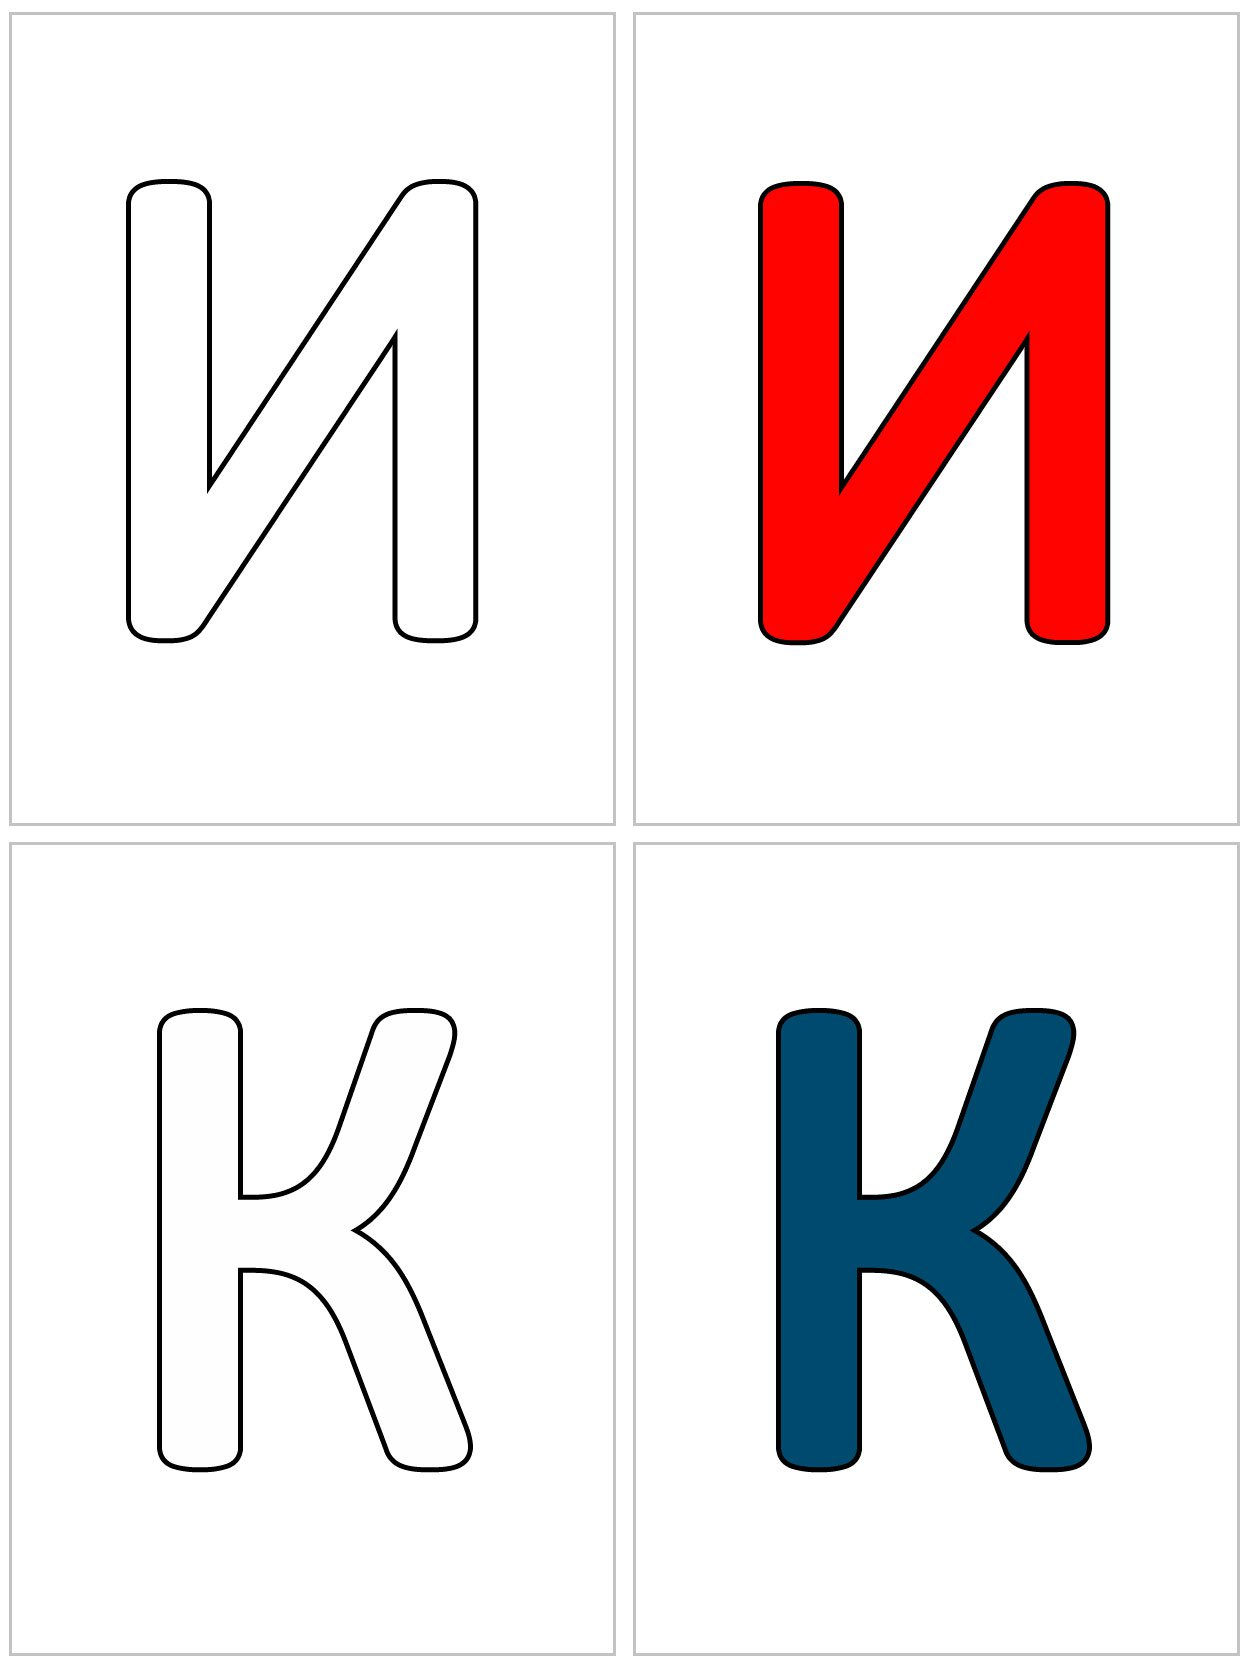 карточки с русским алфавитом распечатать картинки трава зелёная